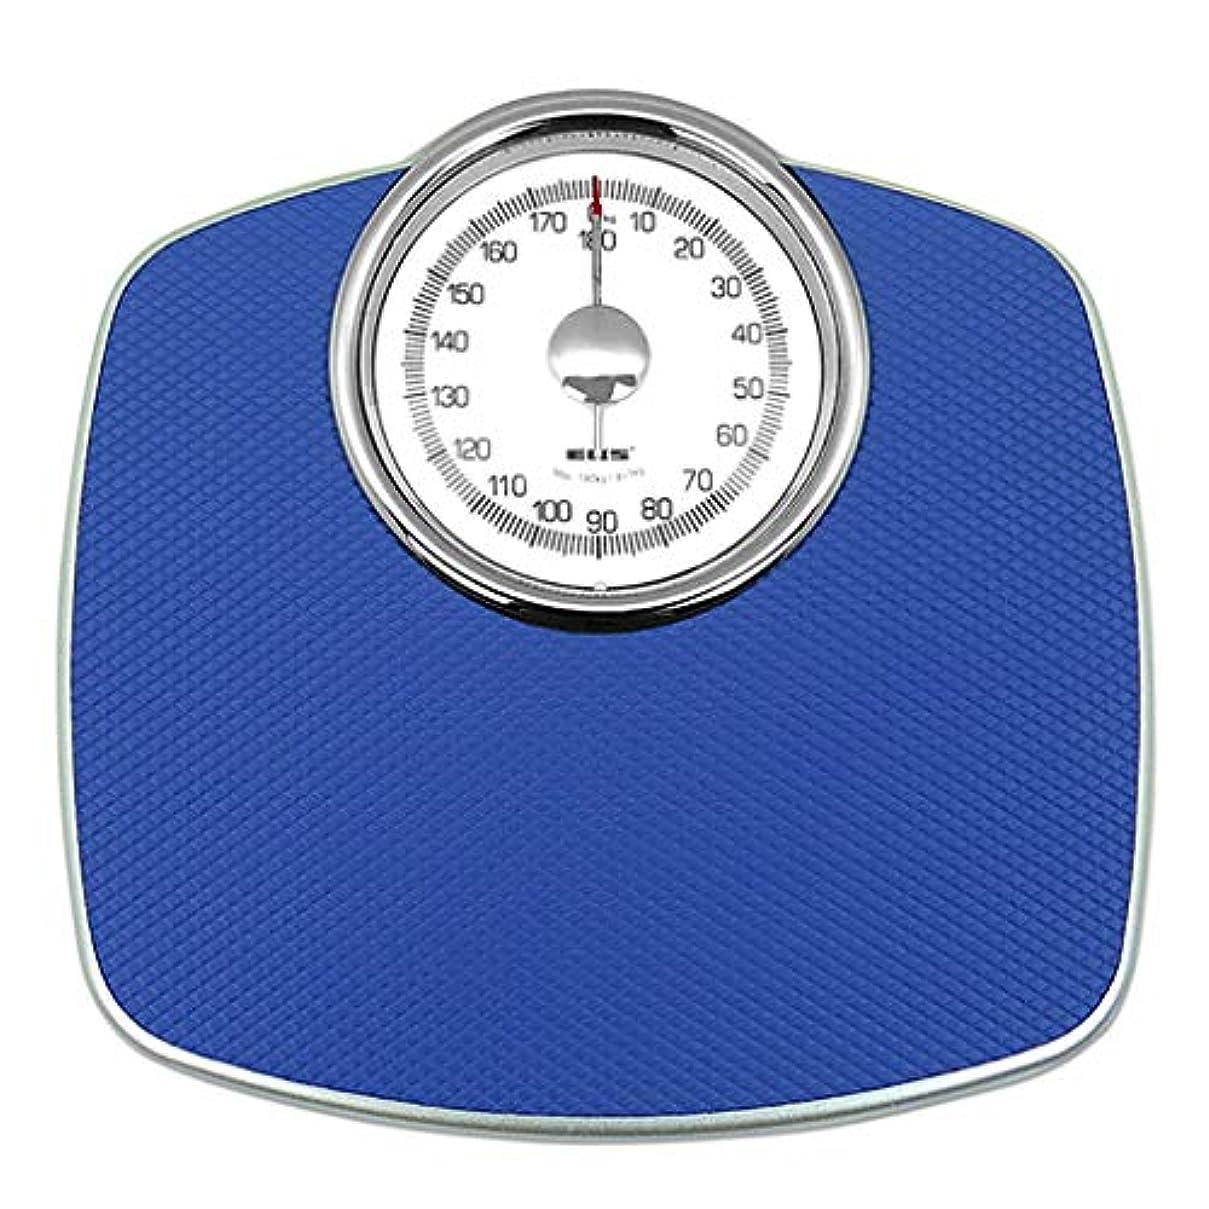 ラショナルオフェンスシャンパン機械重量のダイヤルが付いている400 lbs(180 kg)の体重計、ホテル、体育館、家、浴室のための読み易い測定の特大ダイヤルのスケール